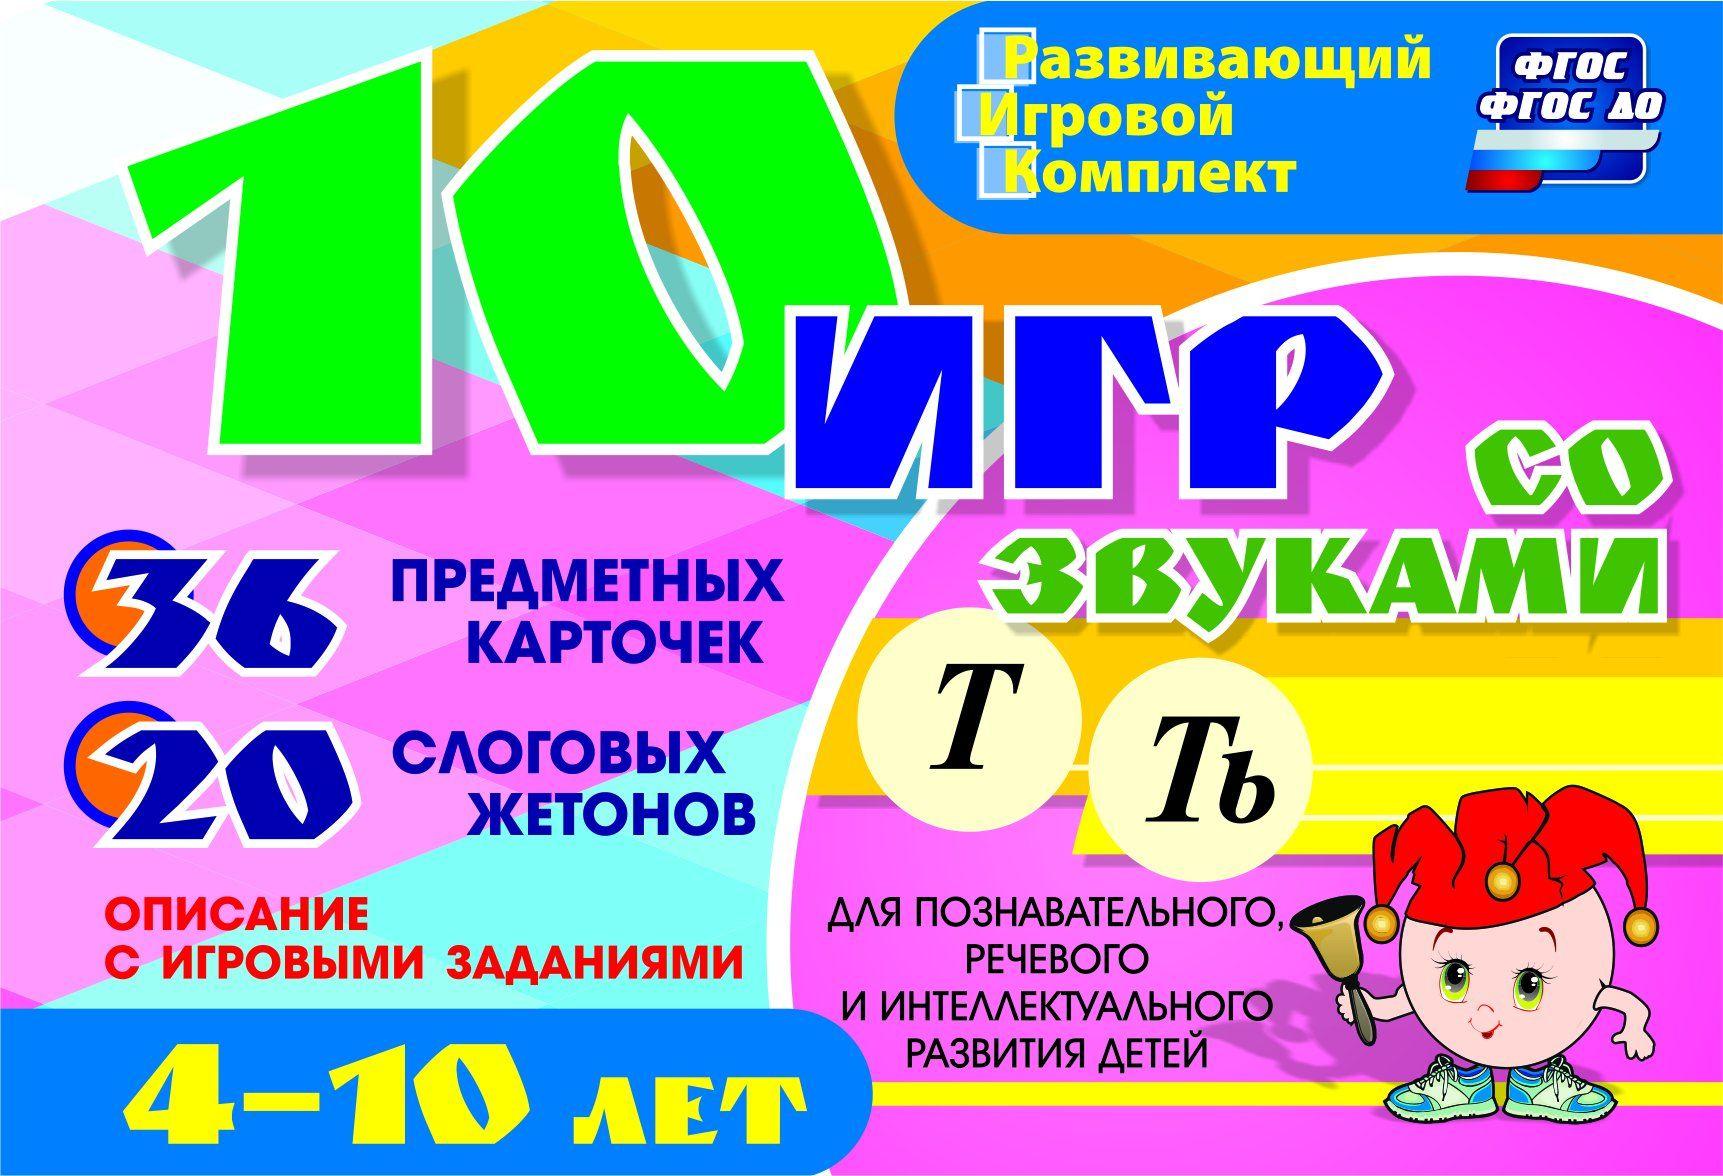 10 игр со звуками Т, Ть для познавательного, речевого и интеллектуального развития детей 4-10 лет: комплект из 36 предметных карточек 20 жетонов в коробочке